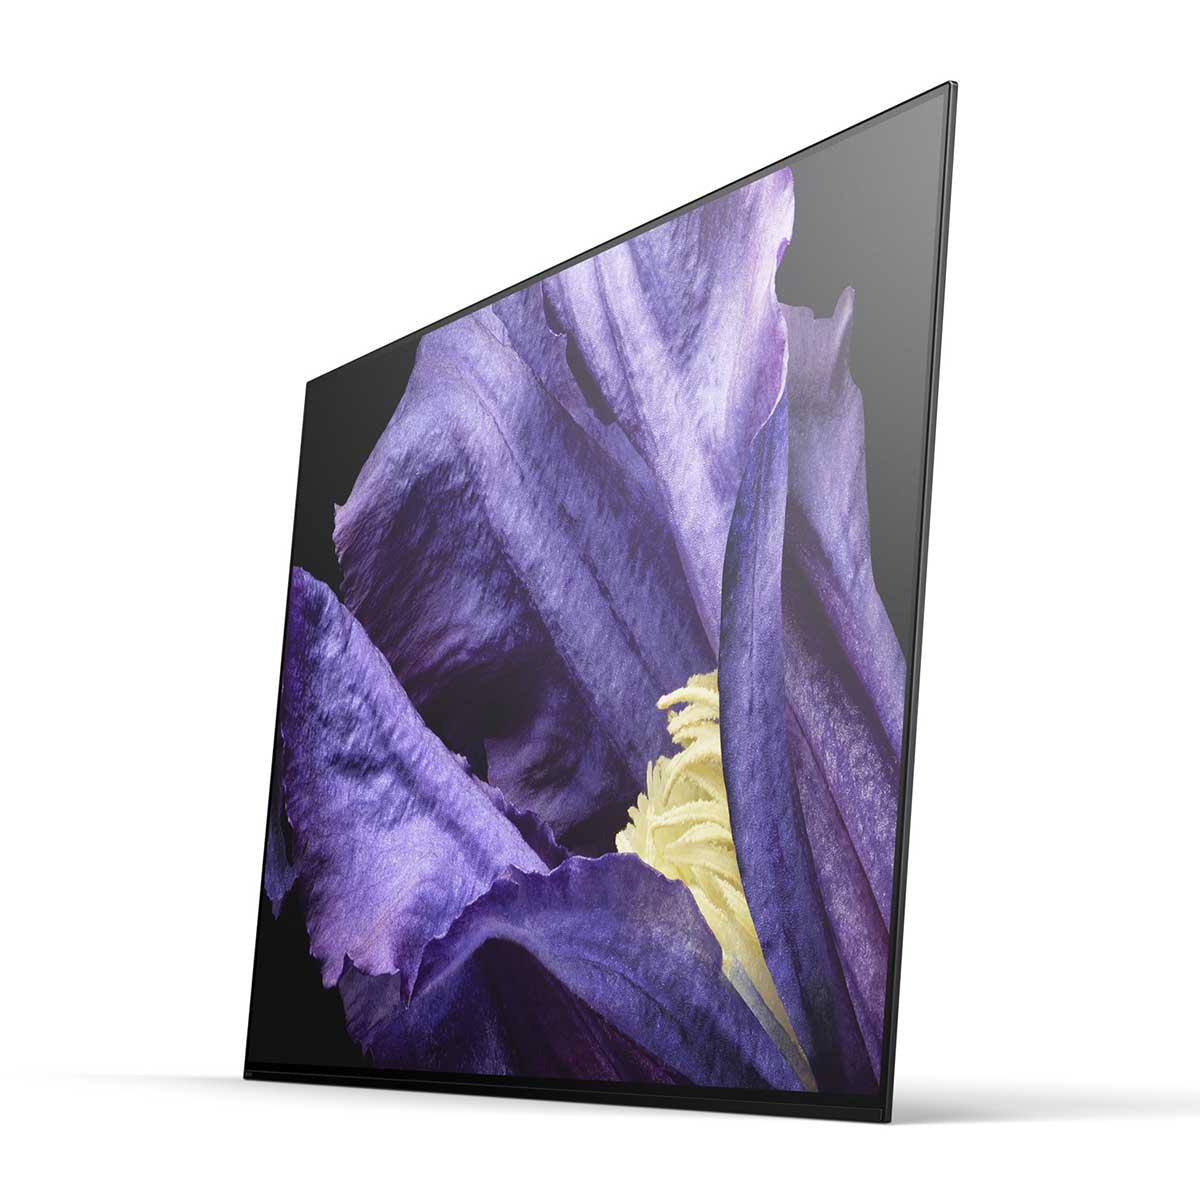 ソニーから、「X1 Ultimate」を搭載した4K有機ELテレビ「BRAVIA A9F」が発売